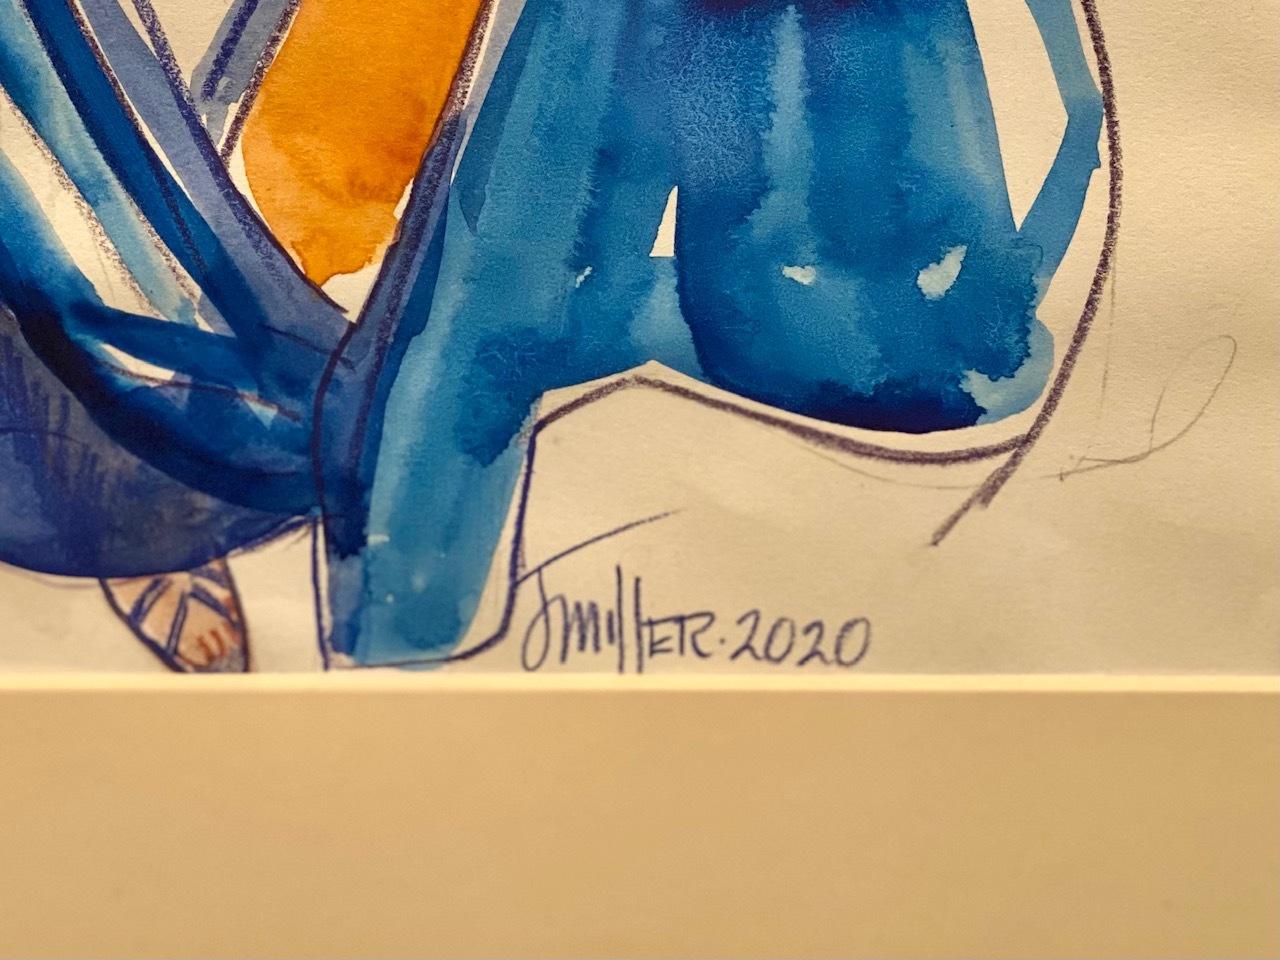 Blue taffeta signature